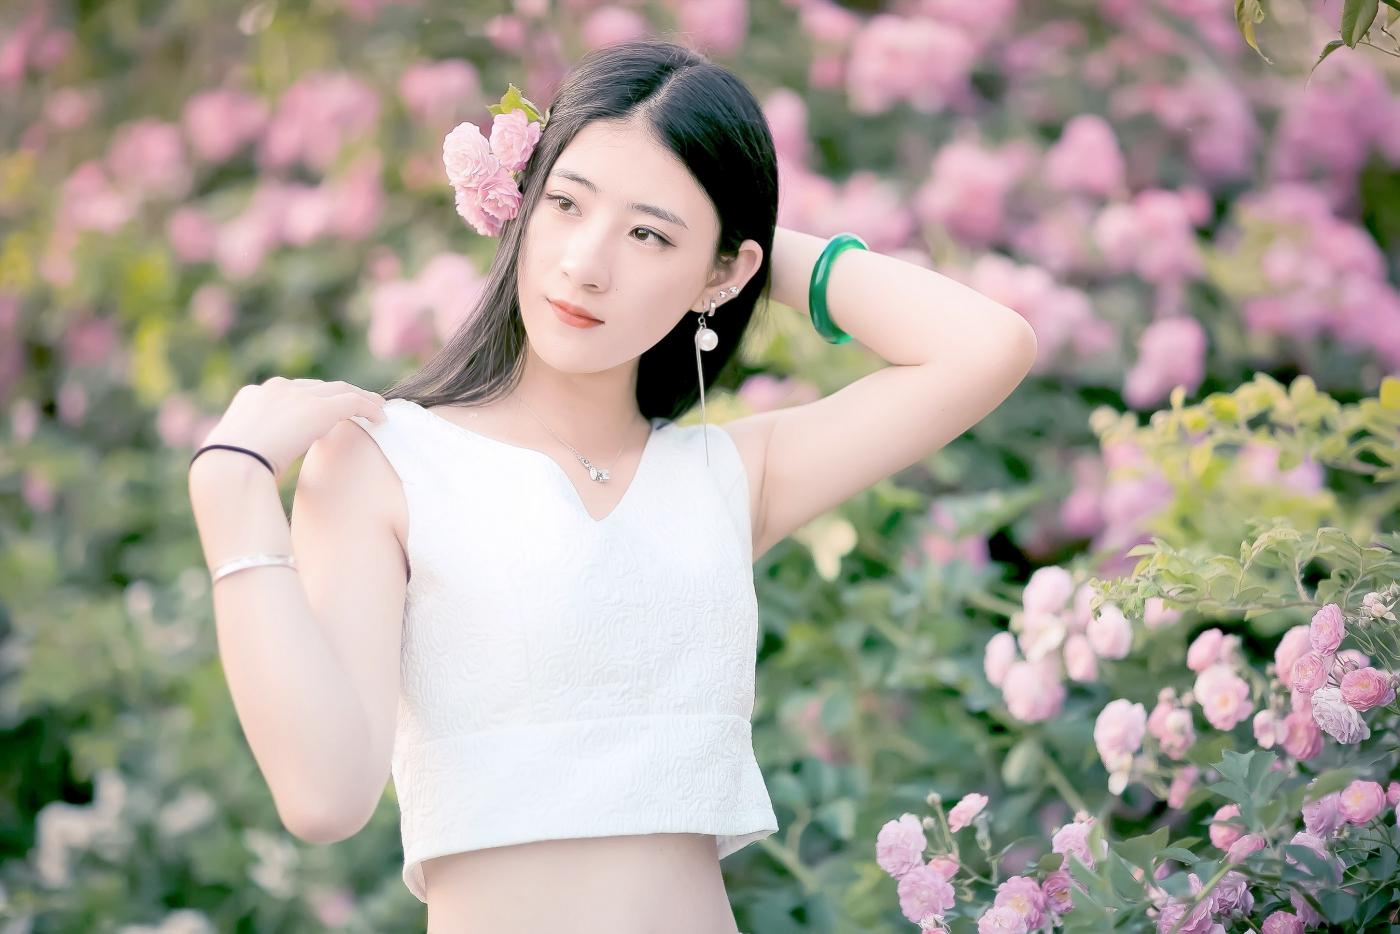 临沂大学有这么一道美丽的蔷薇长廊 当蔷薇MM王璐在她面前走过 ..._图1-25